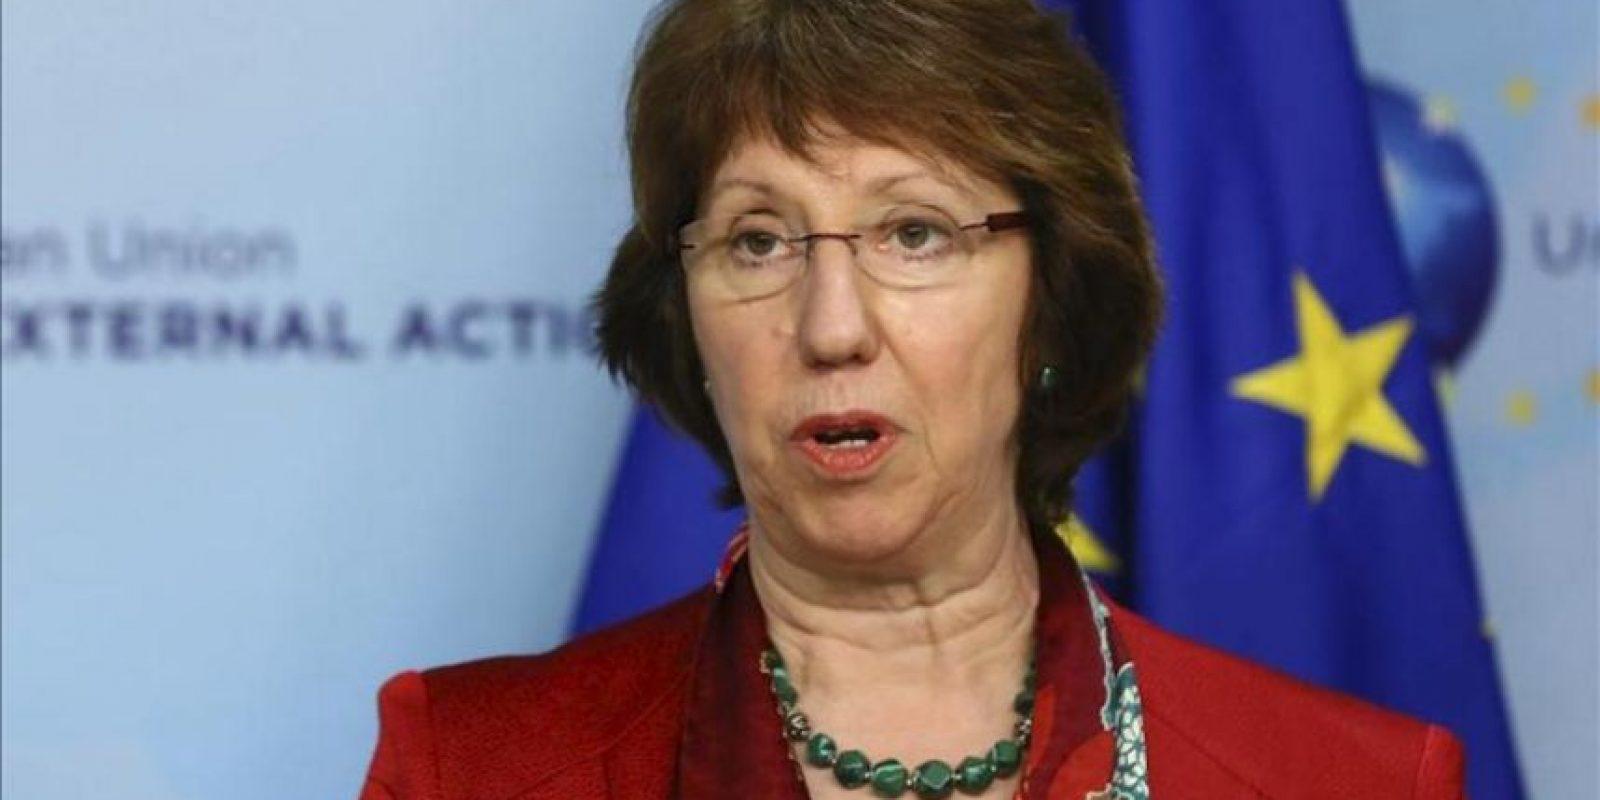 La jefa de la diplomacia europea, Catherine Ashton. EFE/Archivo